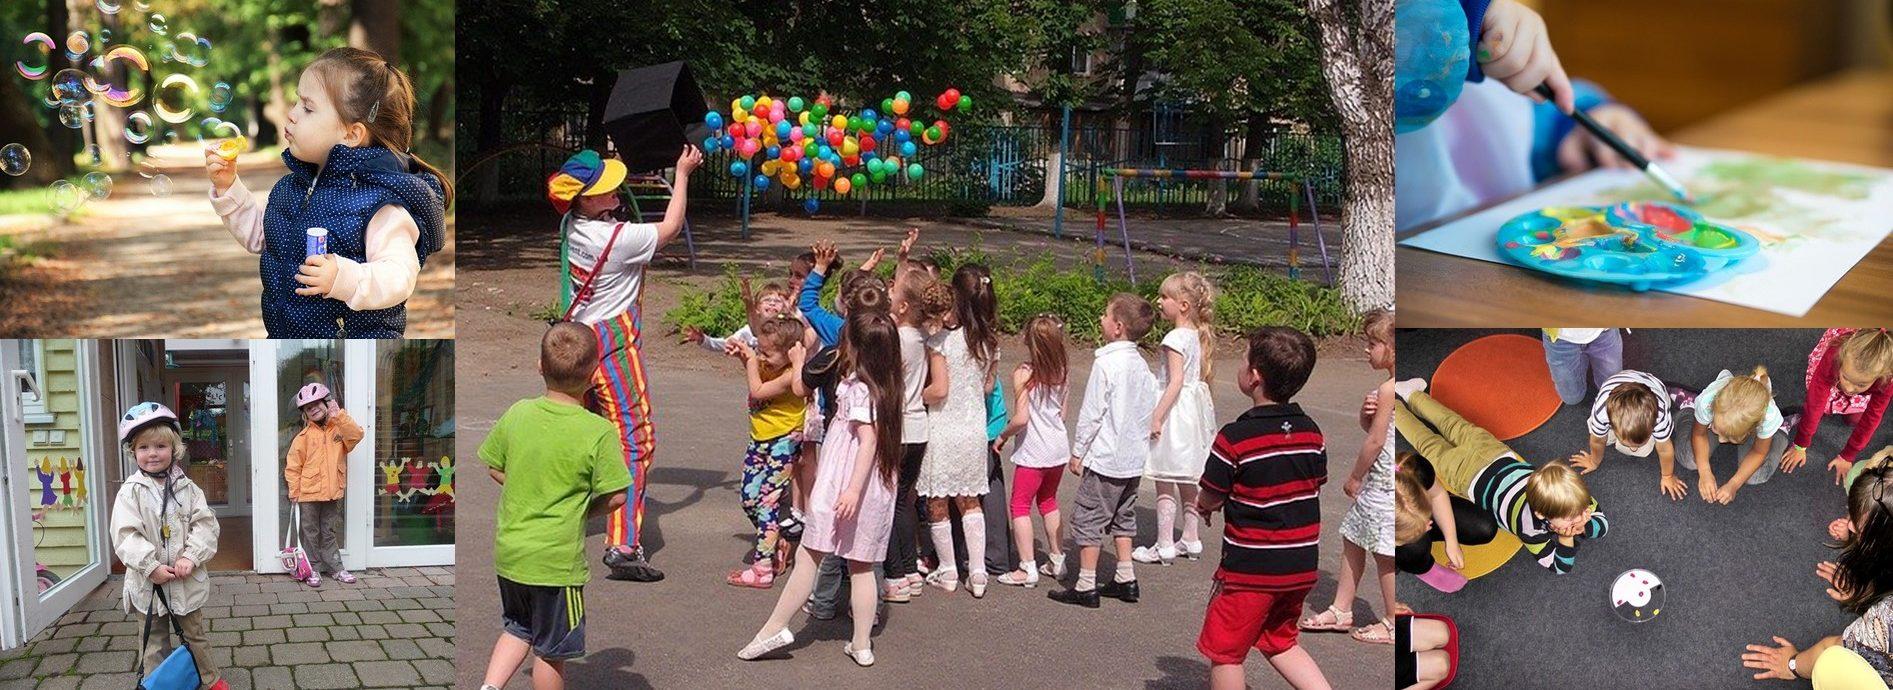 幼稚園留学 子供 留学